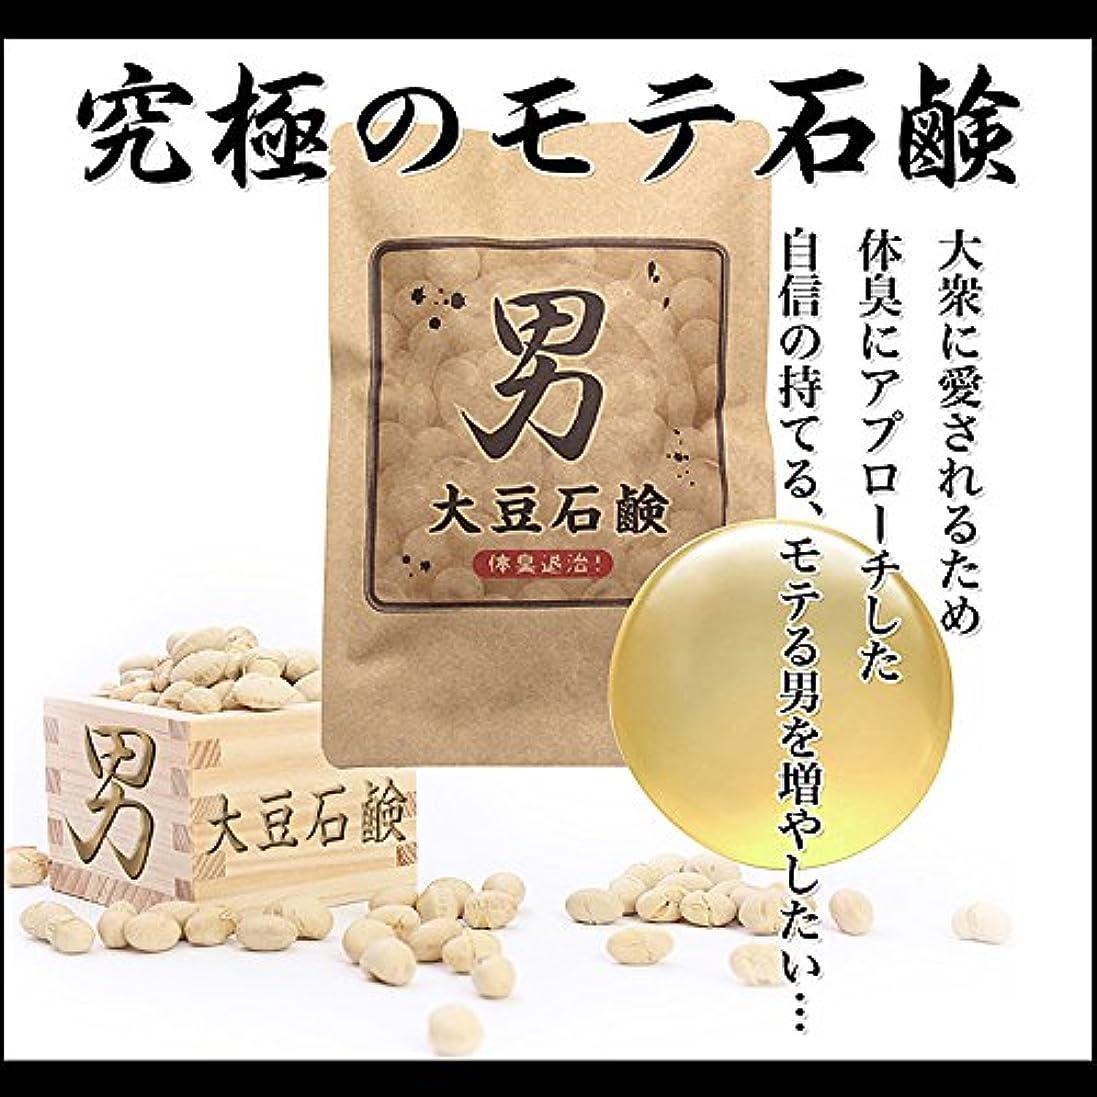 と組む作家葬儀男大豆石鹸(セリュードボーテ ピュアソープ)